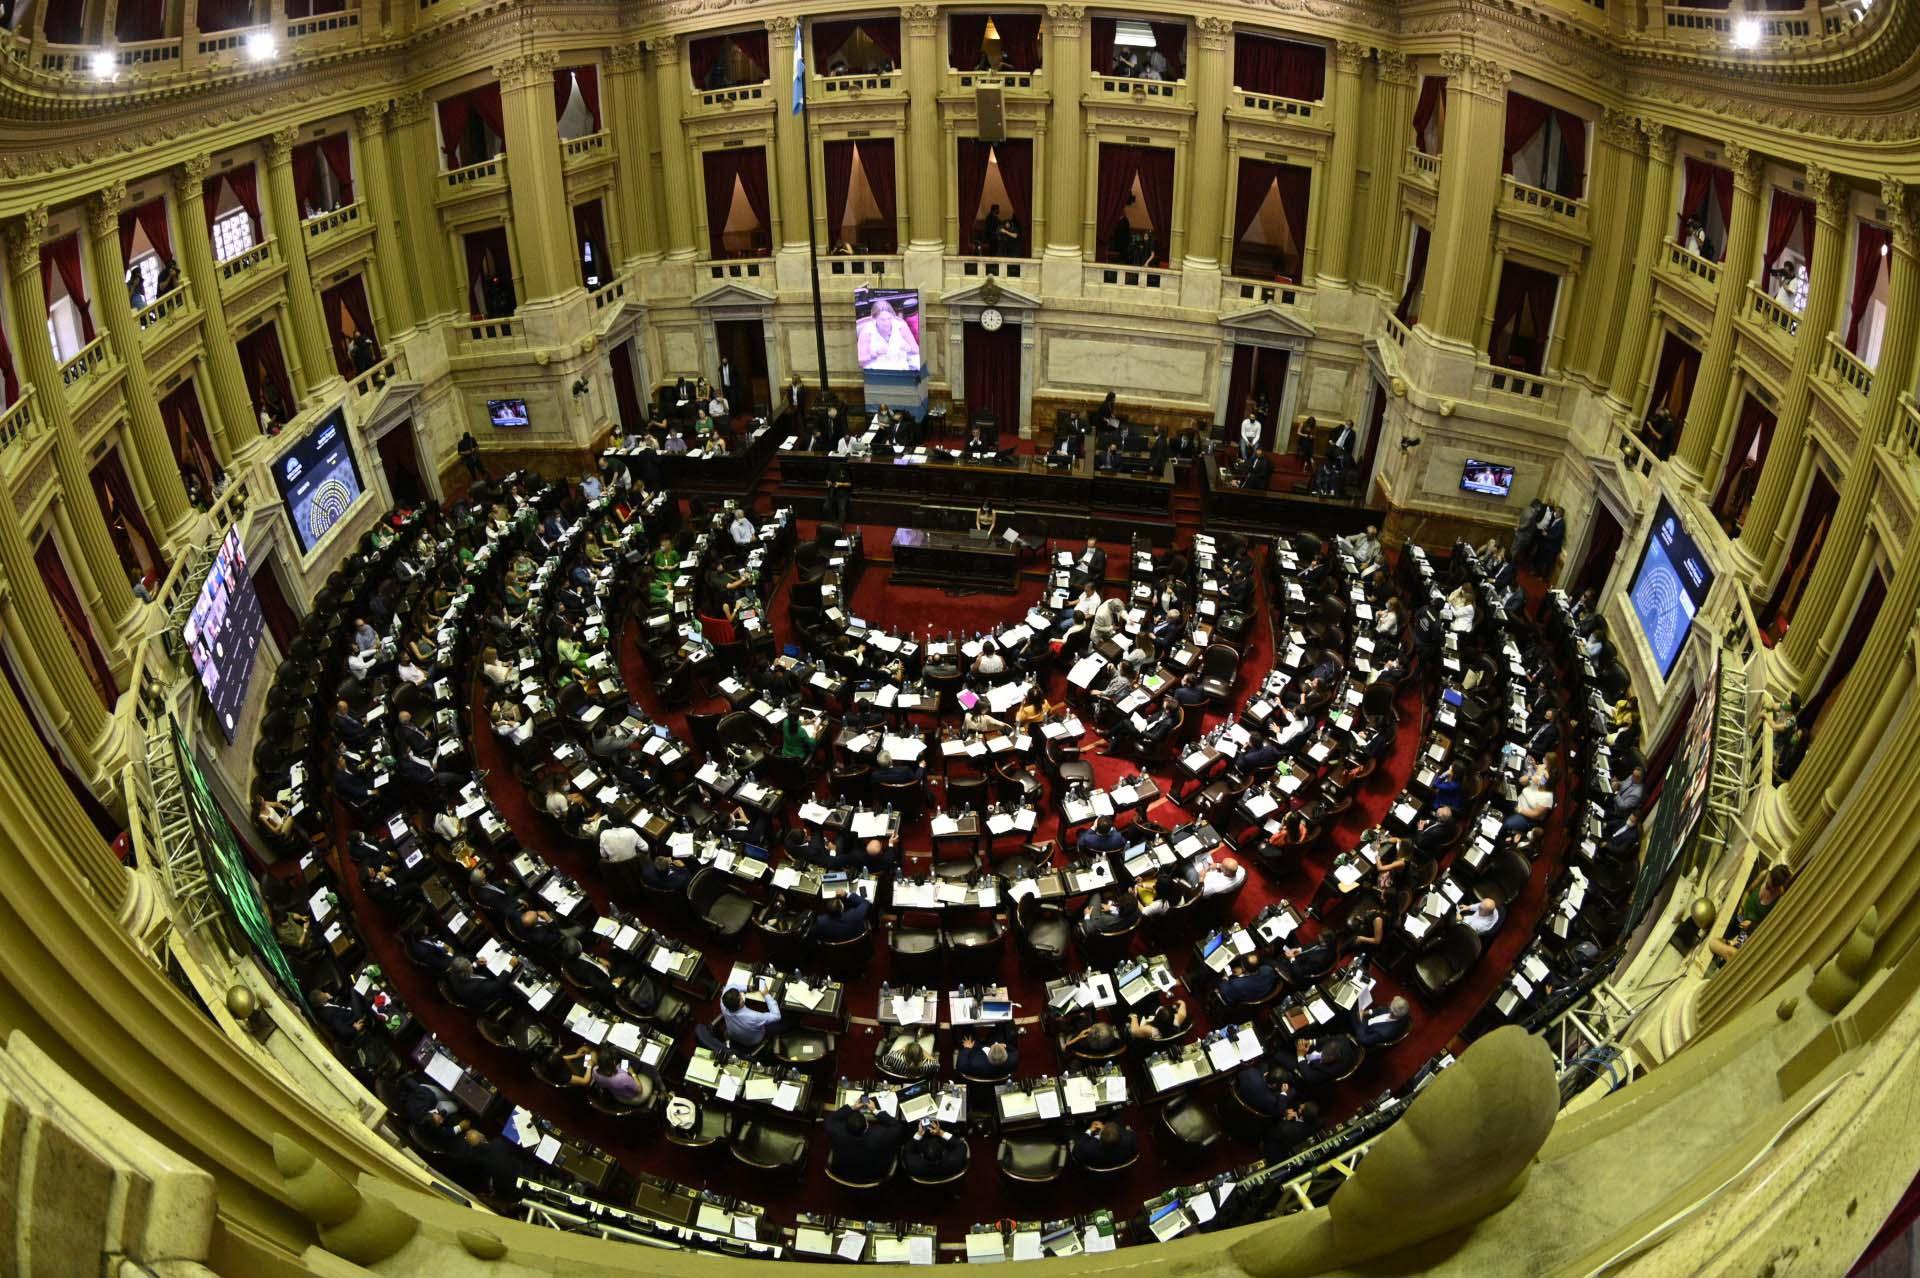 El 11 de diciembre la Cámara de Diputados aprobó el proyecto para legalizar la interrupción voluntaria del embarazo. La medida contó con 131 votos a favor y 117 en contra, después de un debate que se extendió por 20 horas. Días después fue sometido a votación en el Senado